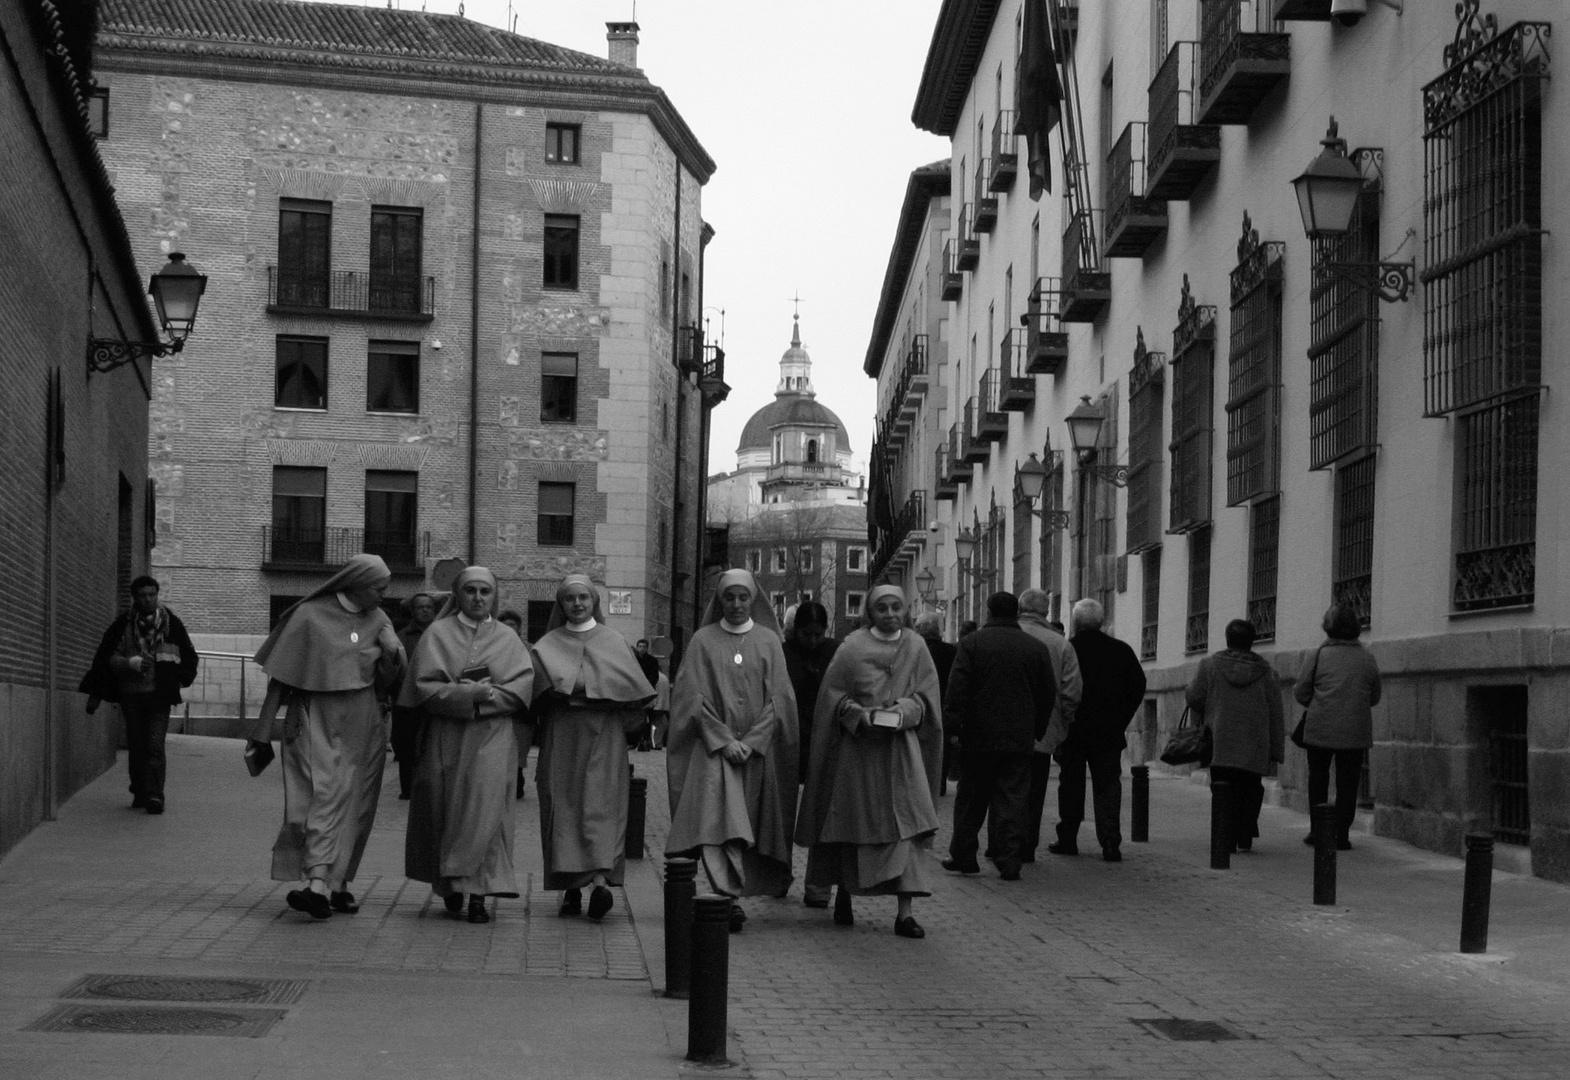 Unas vienen y otros van. Semana Santa ern Madrid